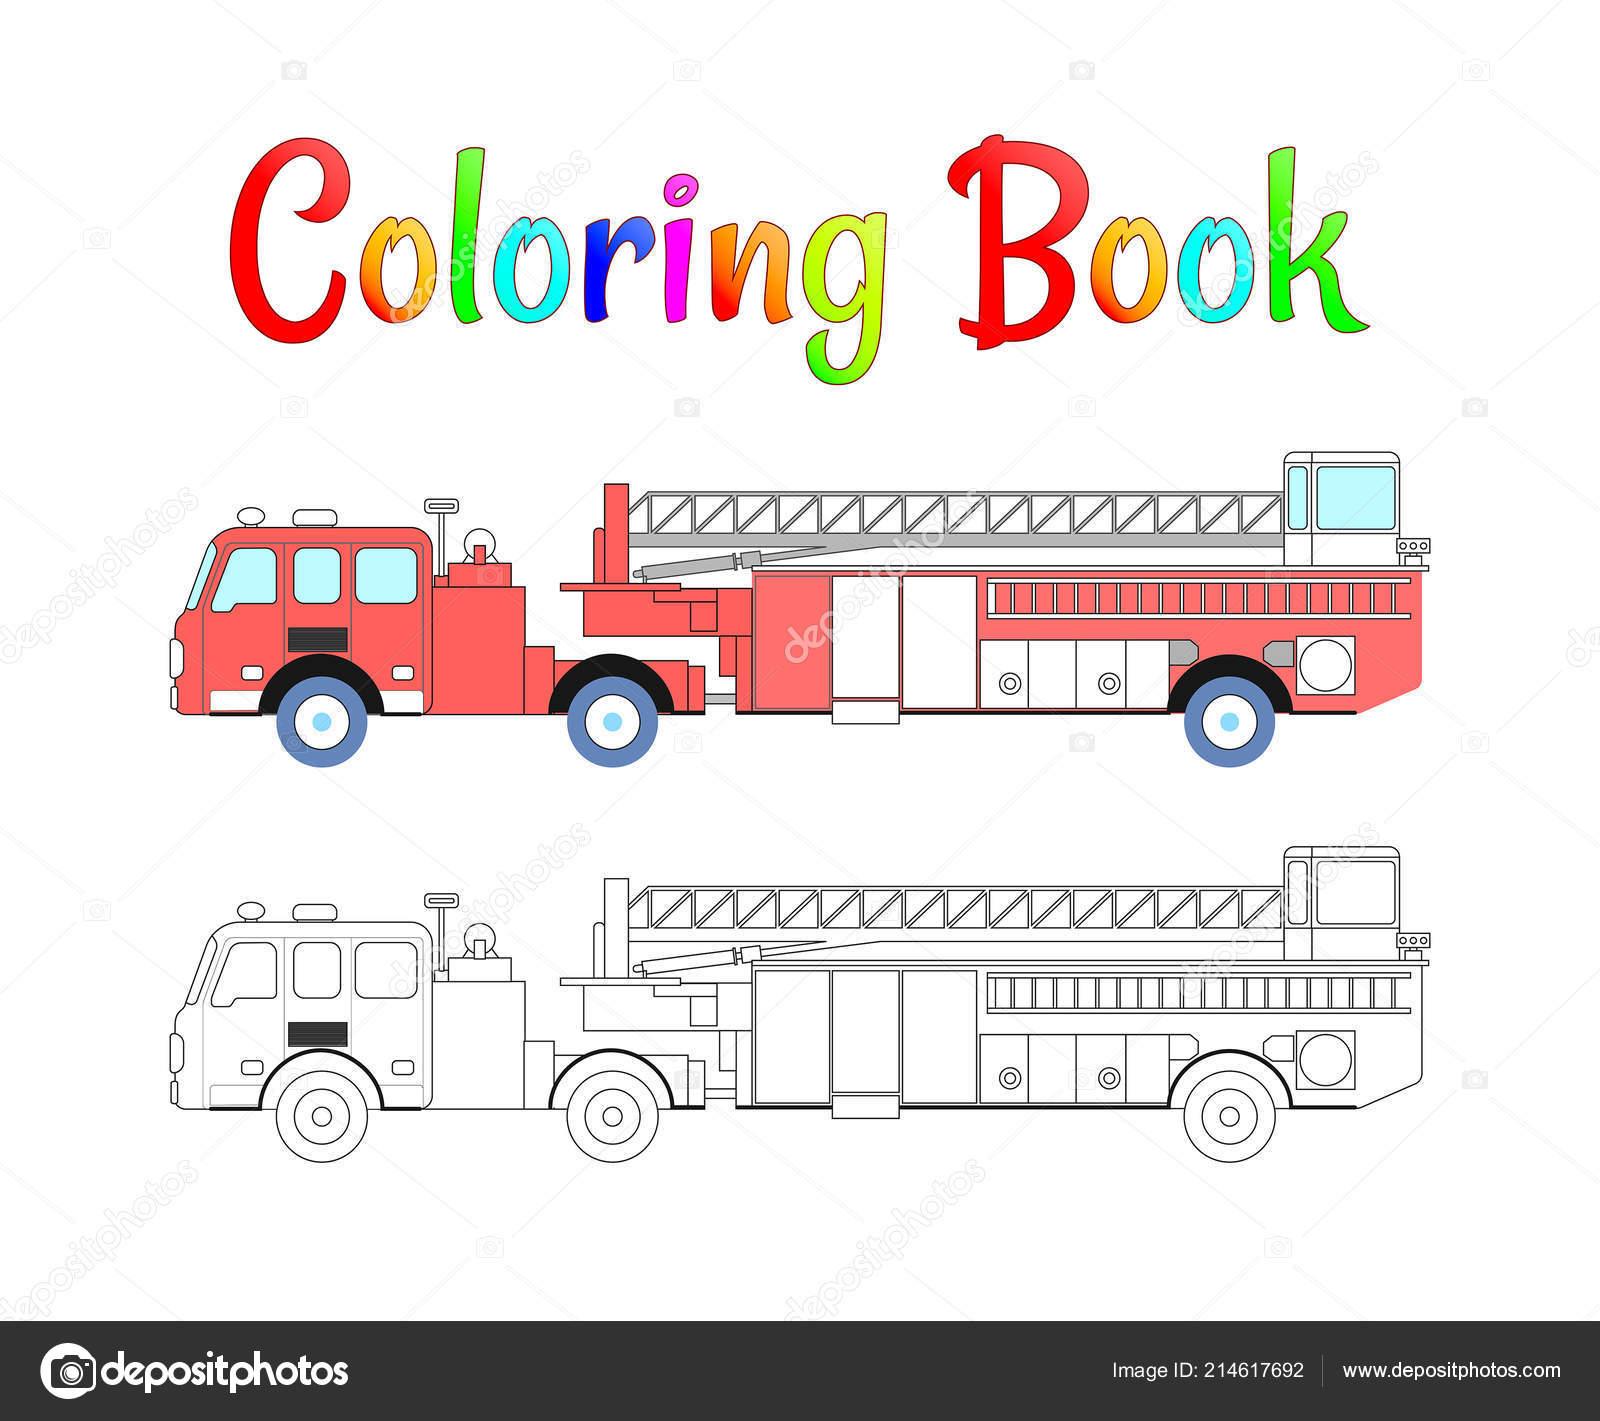 Feuerwehrauto Färbung Buch Vektor Malvorlagen Für Kinder Vector